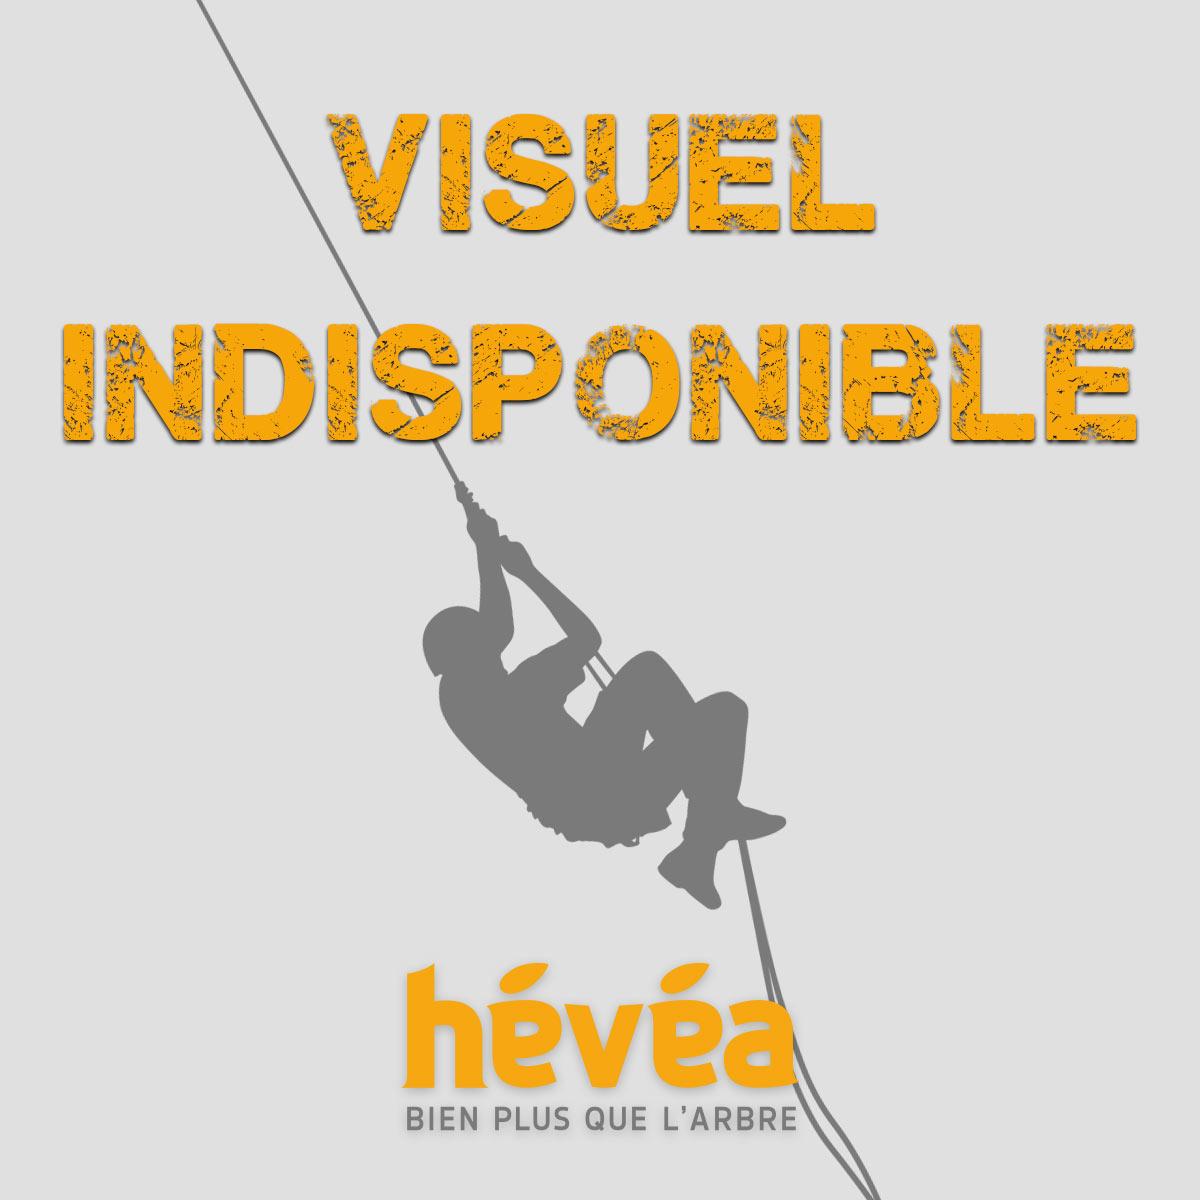 Insecticide liquide 1015VG 5L Dipter|Base végétale, frelons asiatiques et insectes volants